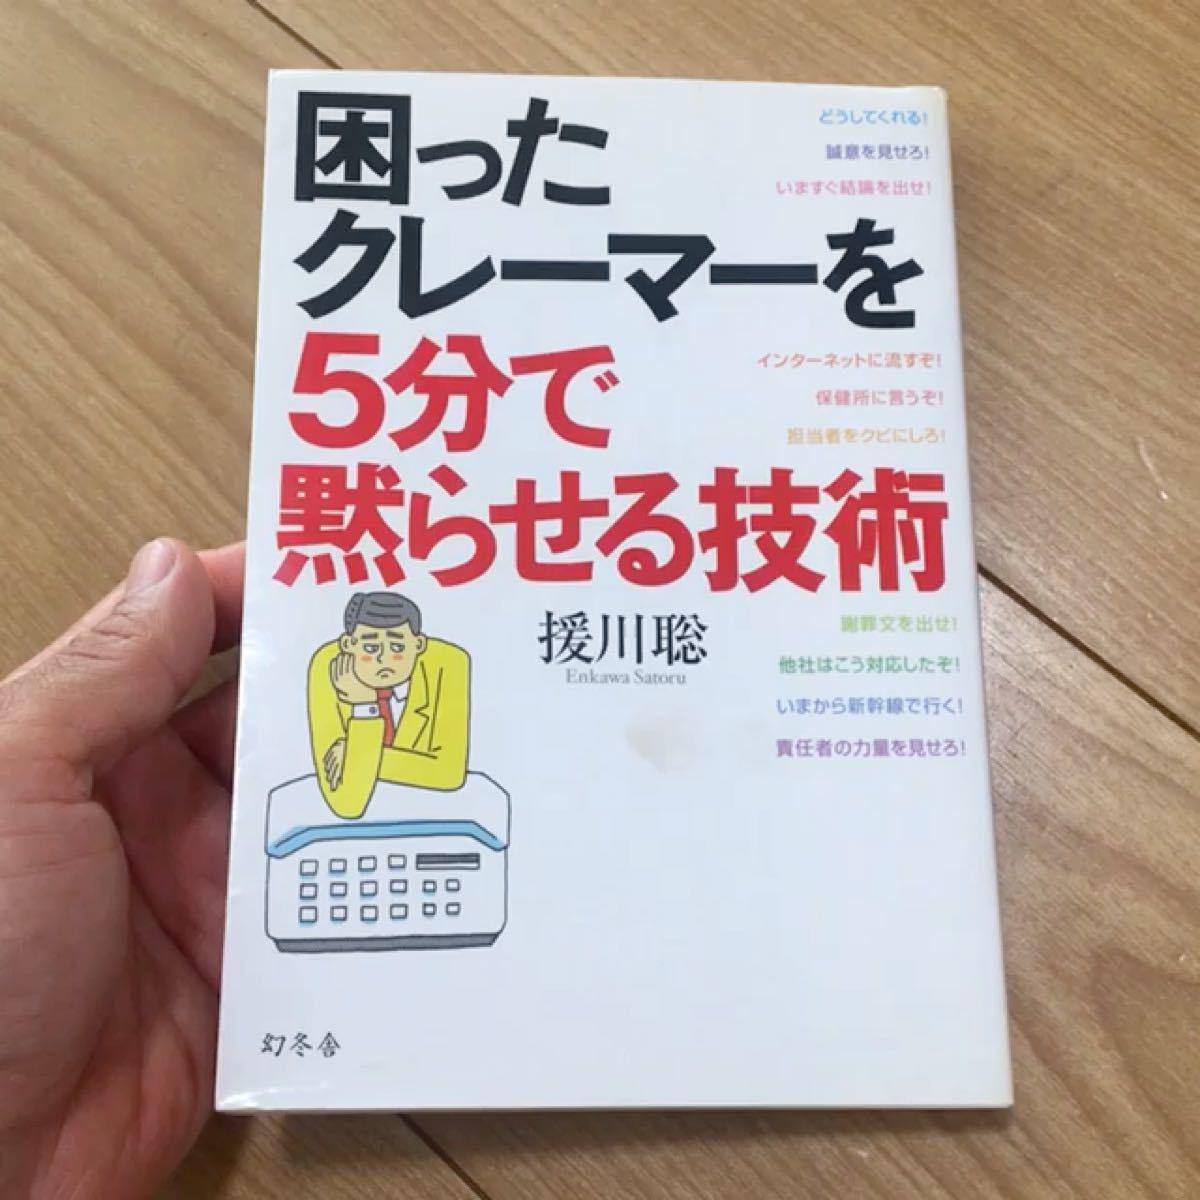 困ったクレーマーを5分で黙らせる技術/援川聡 【著】